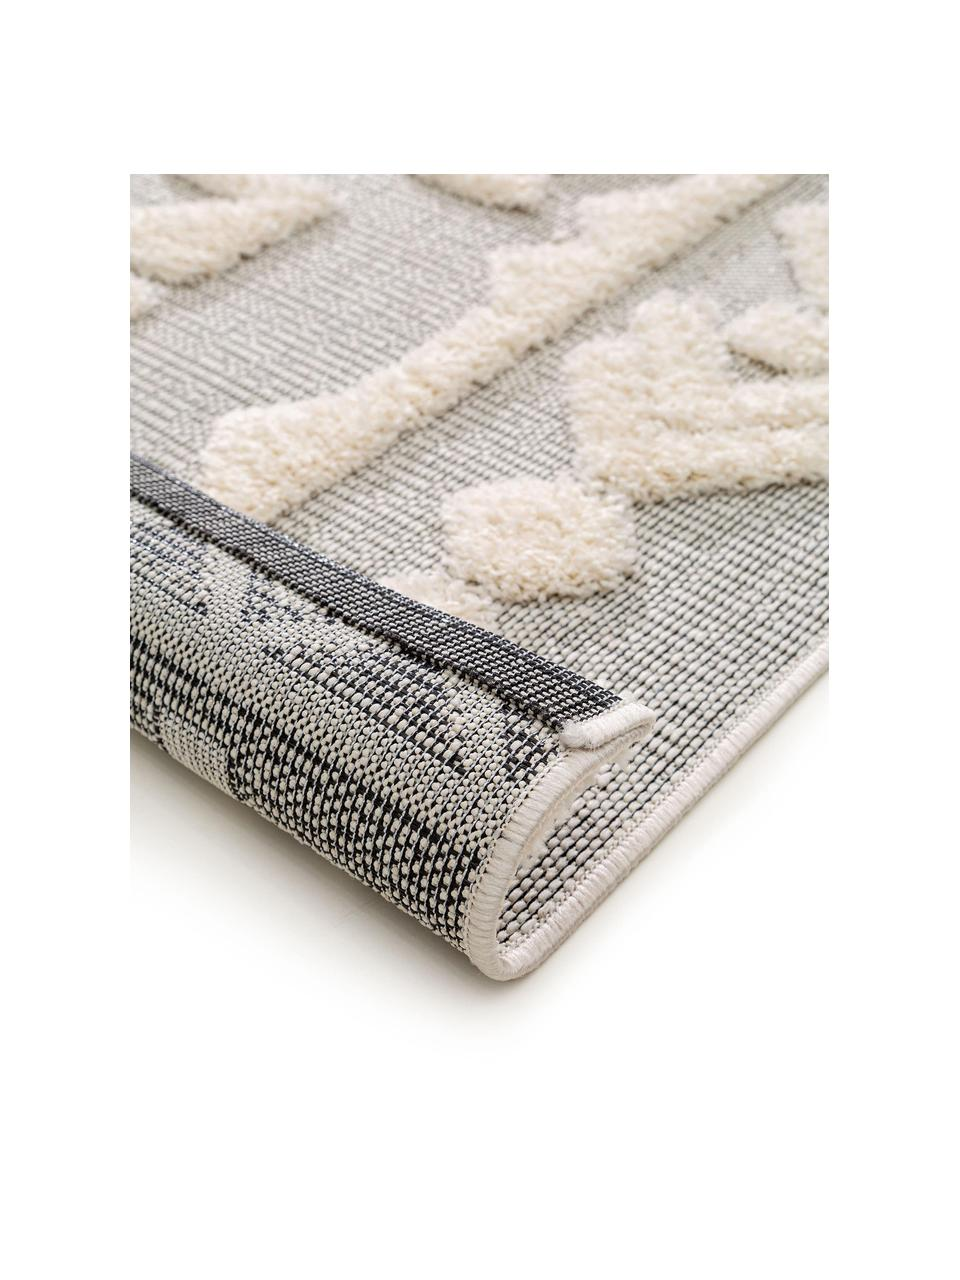 Ethno In- & Outdoor-Teppich Carlo mit Hoch-Tief-Struktur, 100% Polyethylen, Grau, Creme, B 80 x L 150 cm (Größe XS)